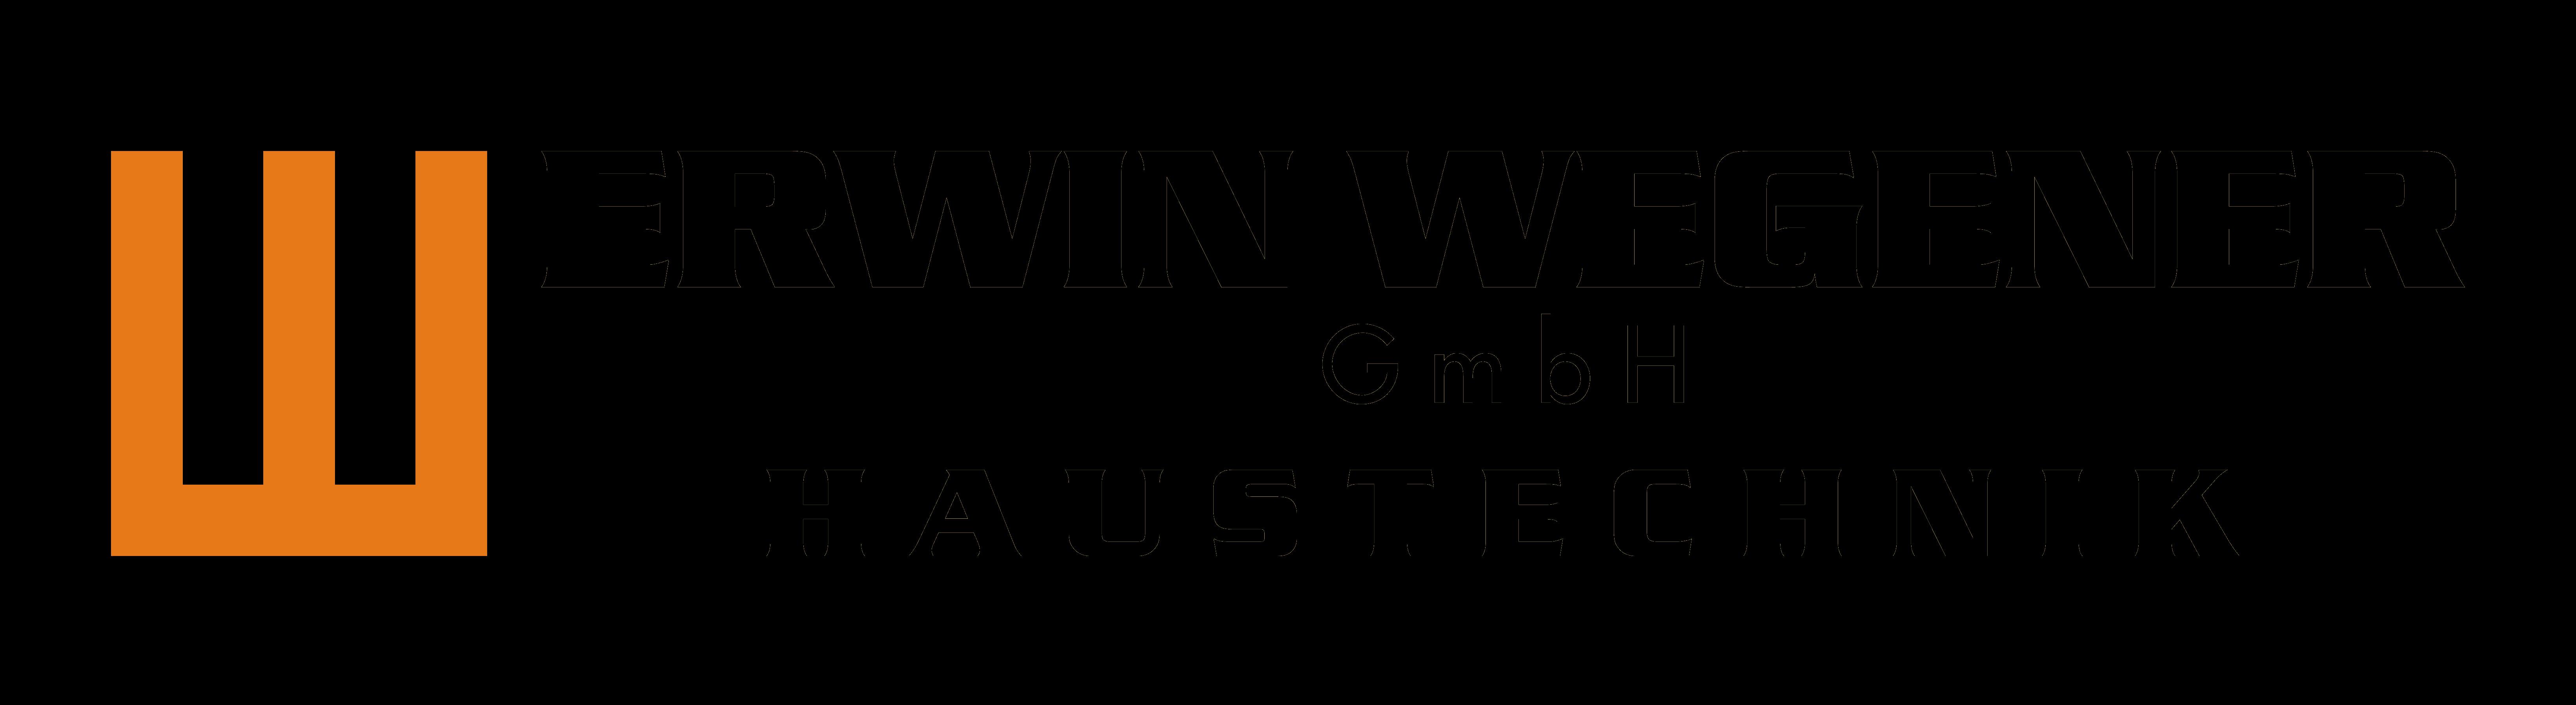 Erwin Wegener GmbH